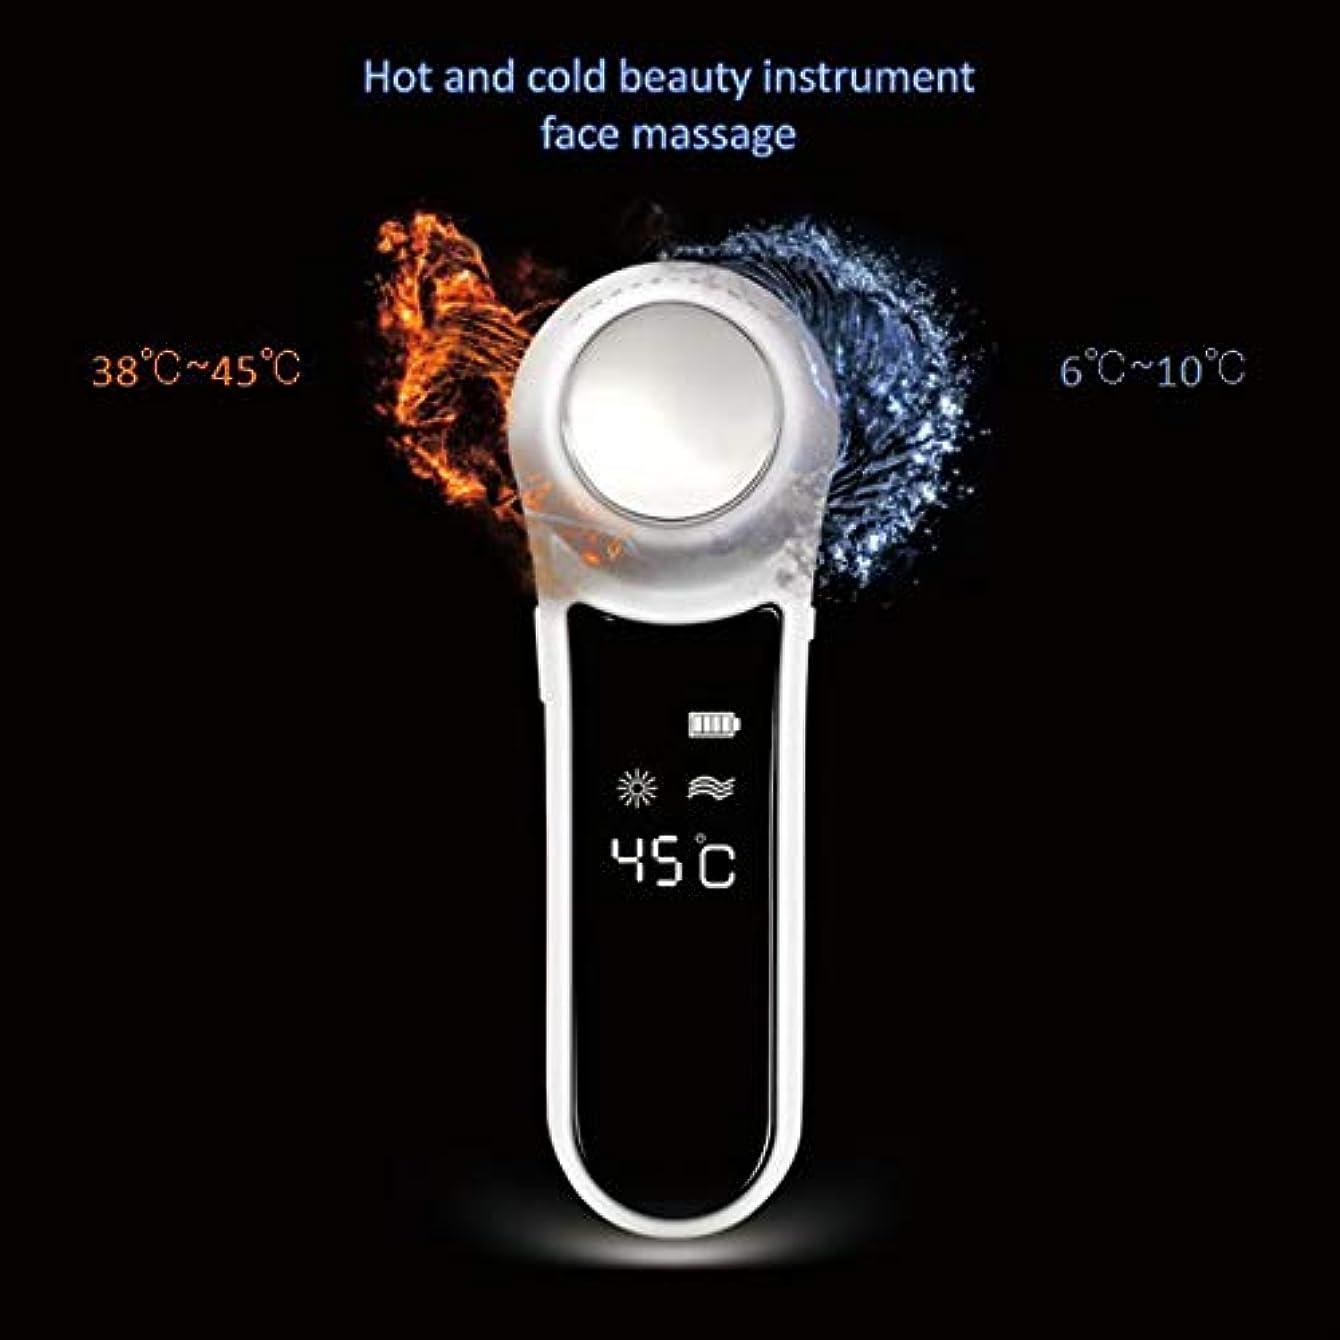 スケッチ母音まどろみのあるフェイシャルマッサージ、高周波振動加熱イオン導入マッサージ、多機能美容機器振動ホットロンクリーニングマスク楽器